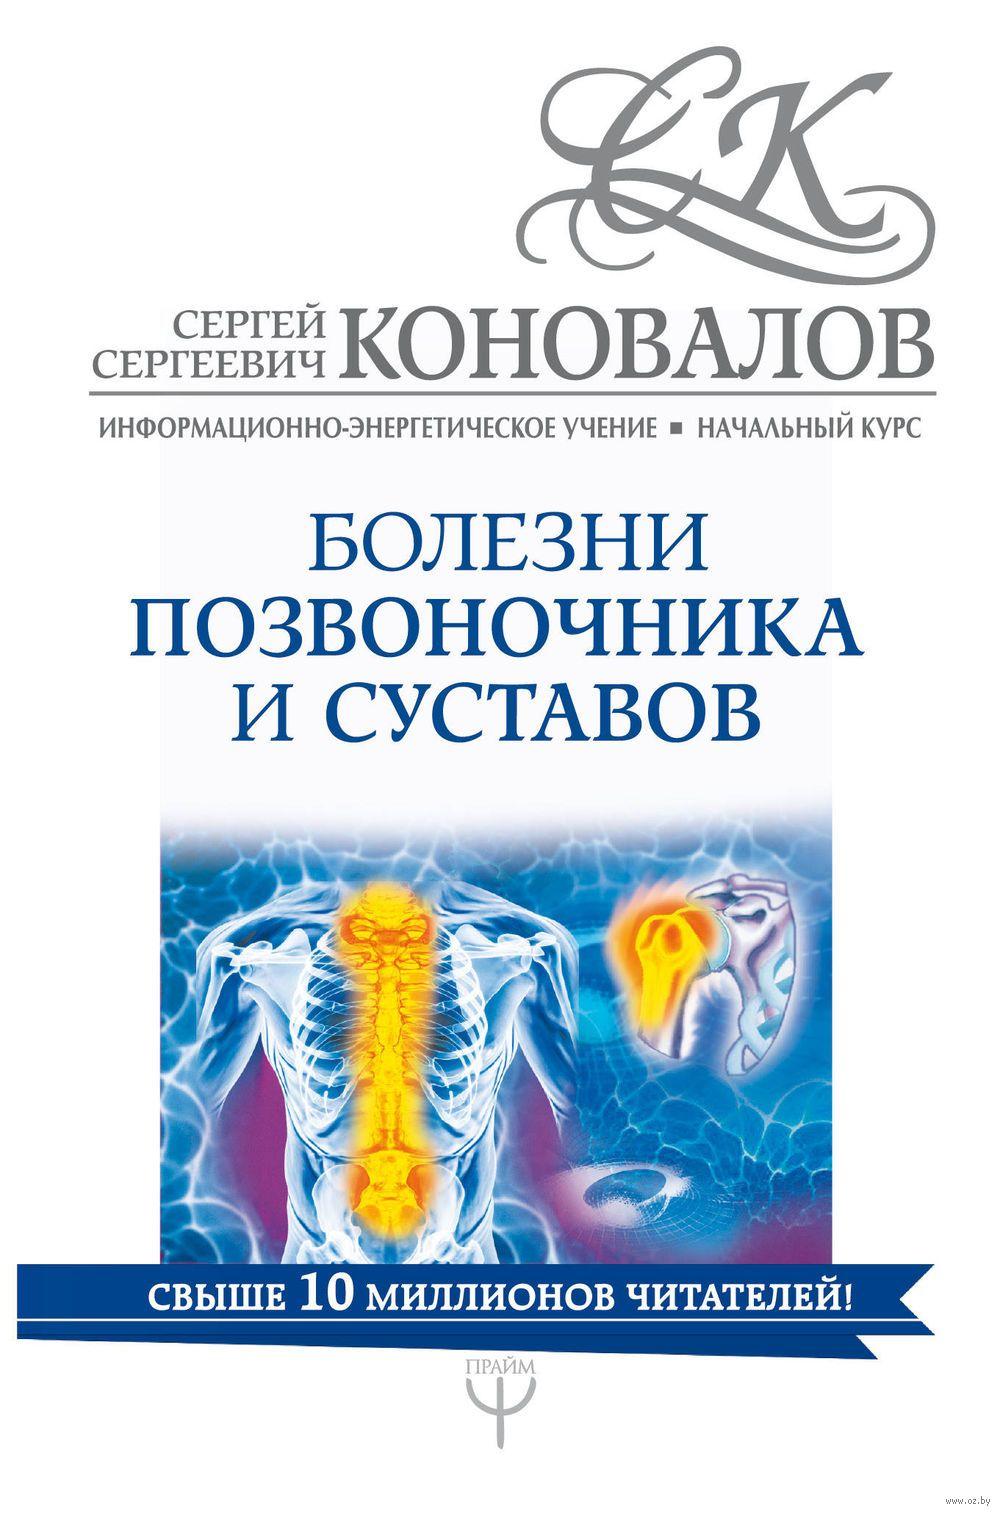 Сергей коновалов болезни позвоночника суставов и всего организма криль для суставов